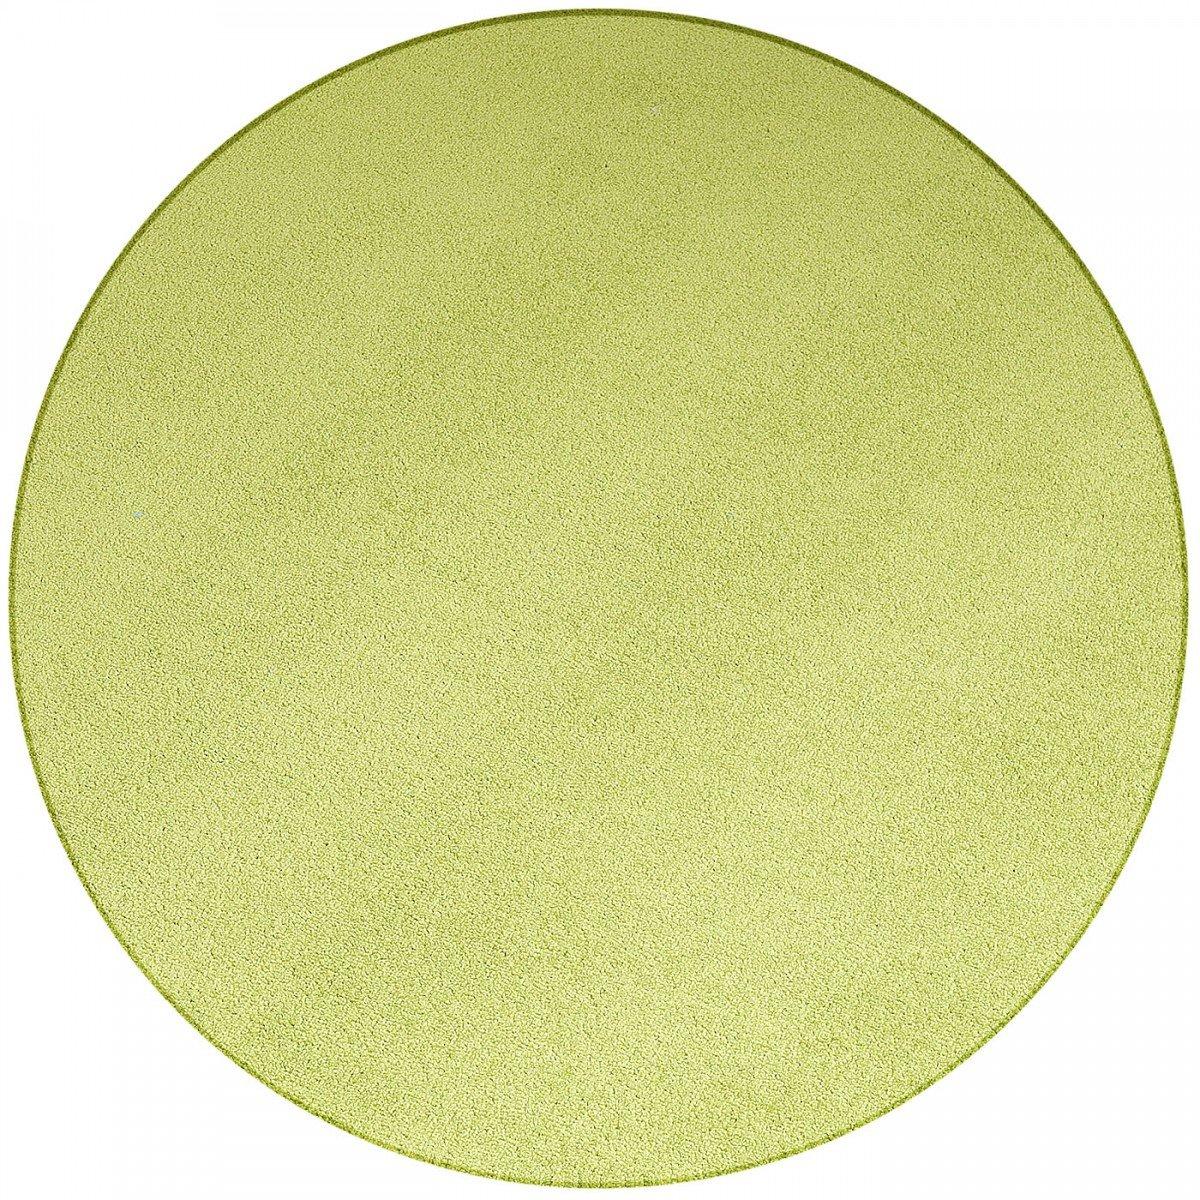 Havatex Teppich Velours Trend rund - schadstoffgeprüft und pflegeleicht   robust strapazierfähig   Wohnzimmer Kinderzimmer Schlafzimmer Küche Flur Büro, Farbe Grün, Größe 300 cm rund